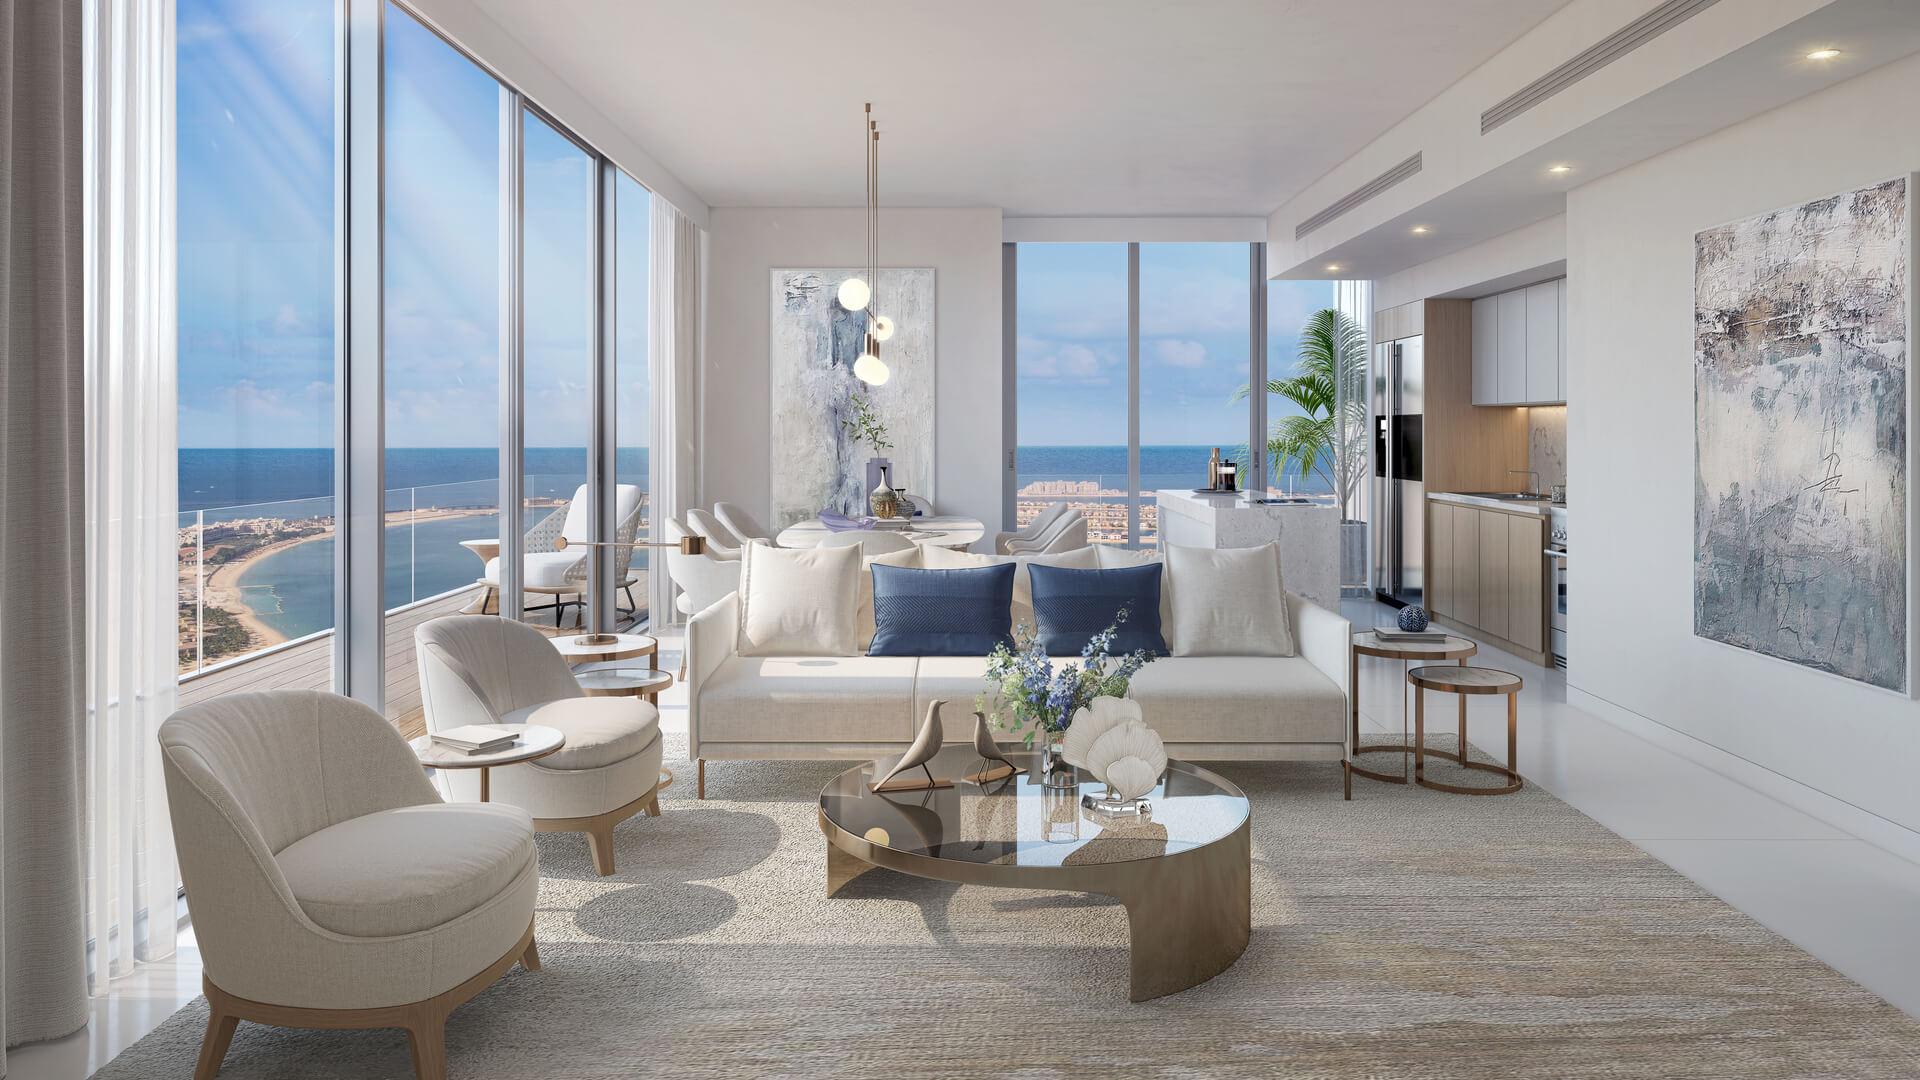 Apartamento en venta en Dubai, EAU, 2 dormitorios, 108 m2, № 24545 – foto 1